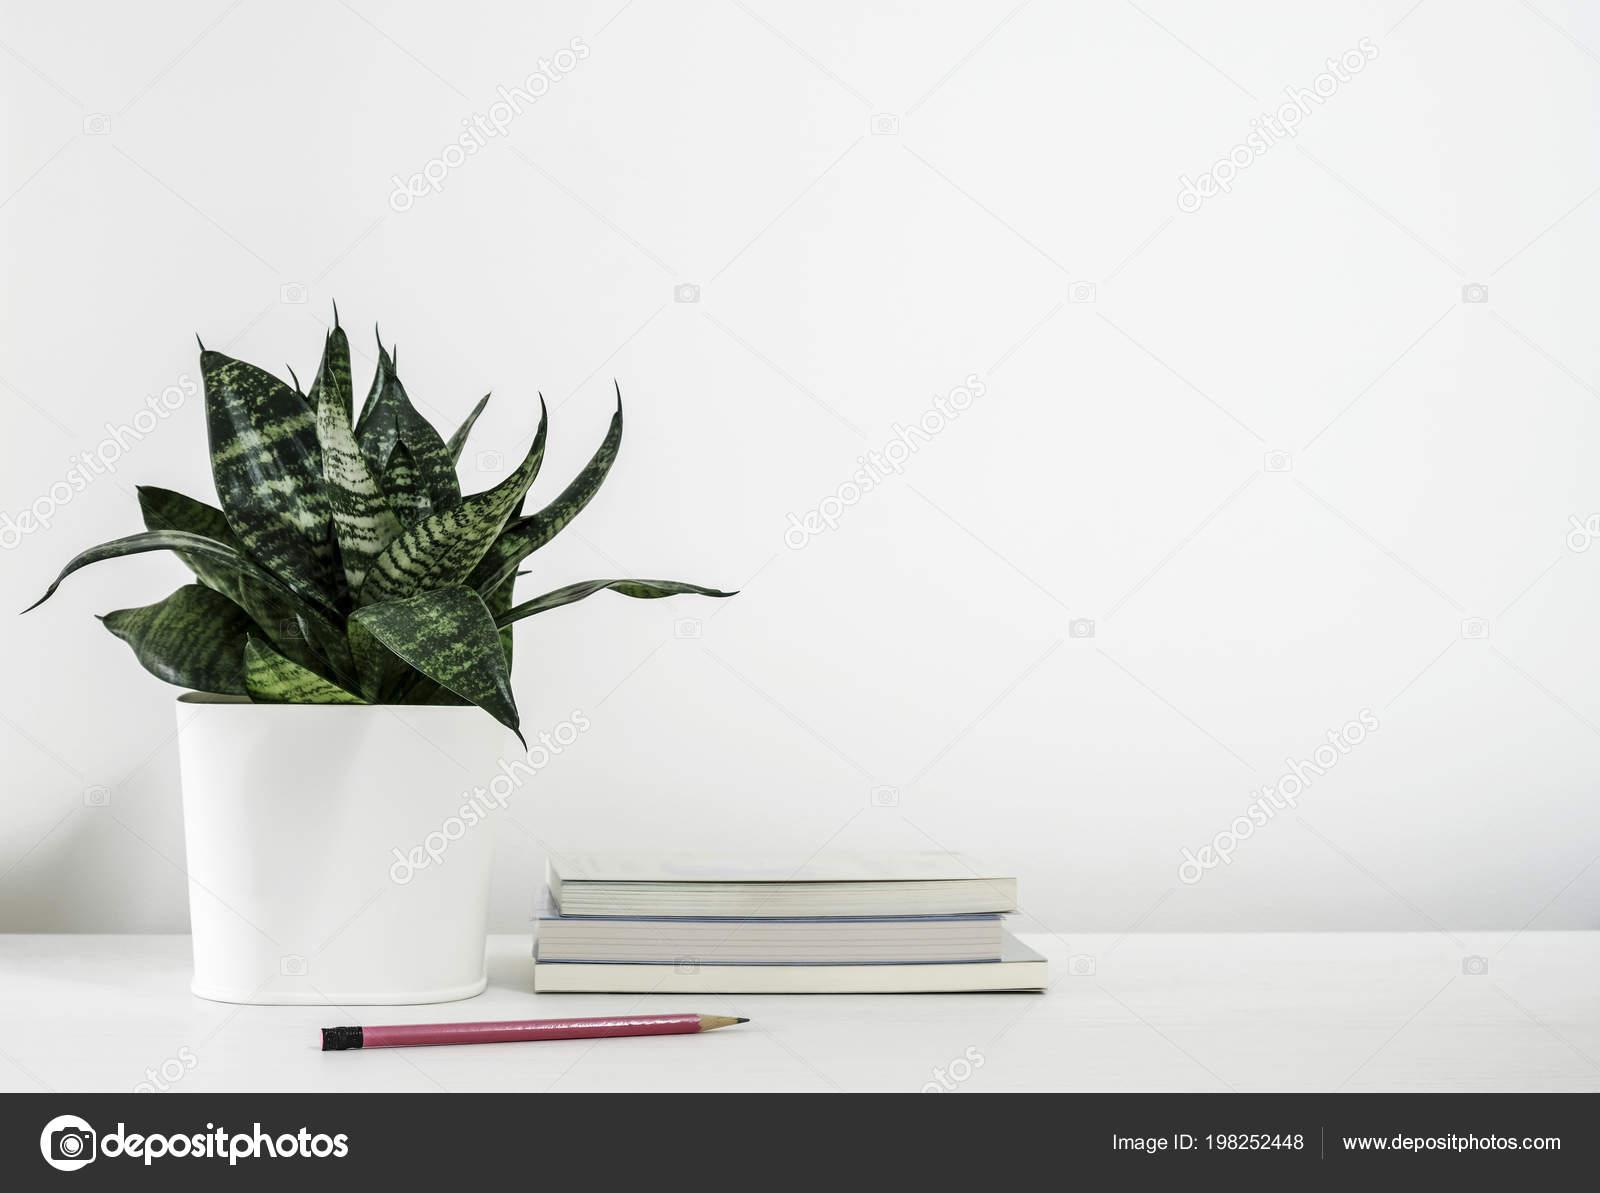 Sansevieria Trifasciata Snake Plant Pot Book Pencil White Wooden Table Stock Photo C Myimagine 198252448